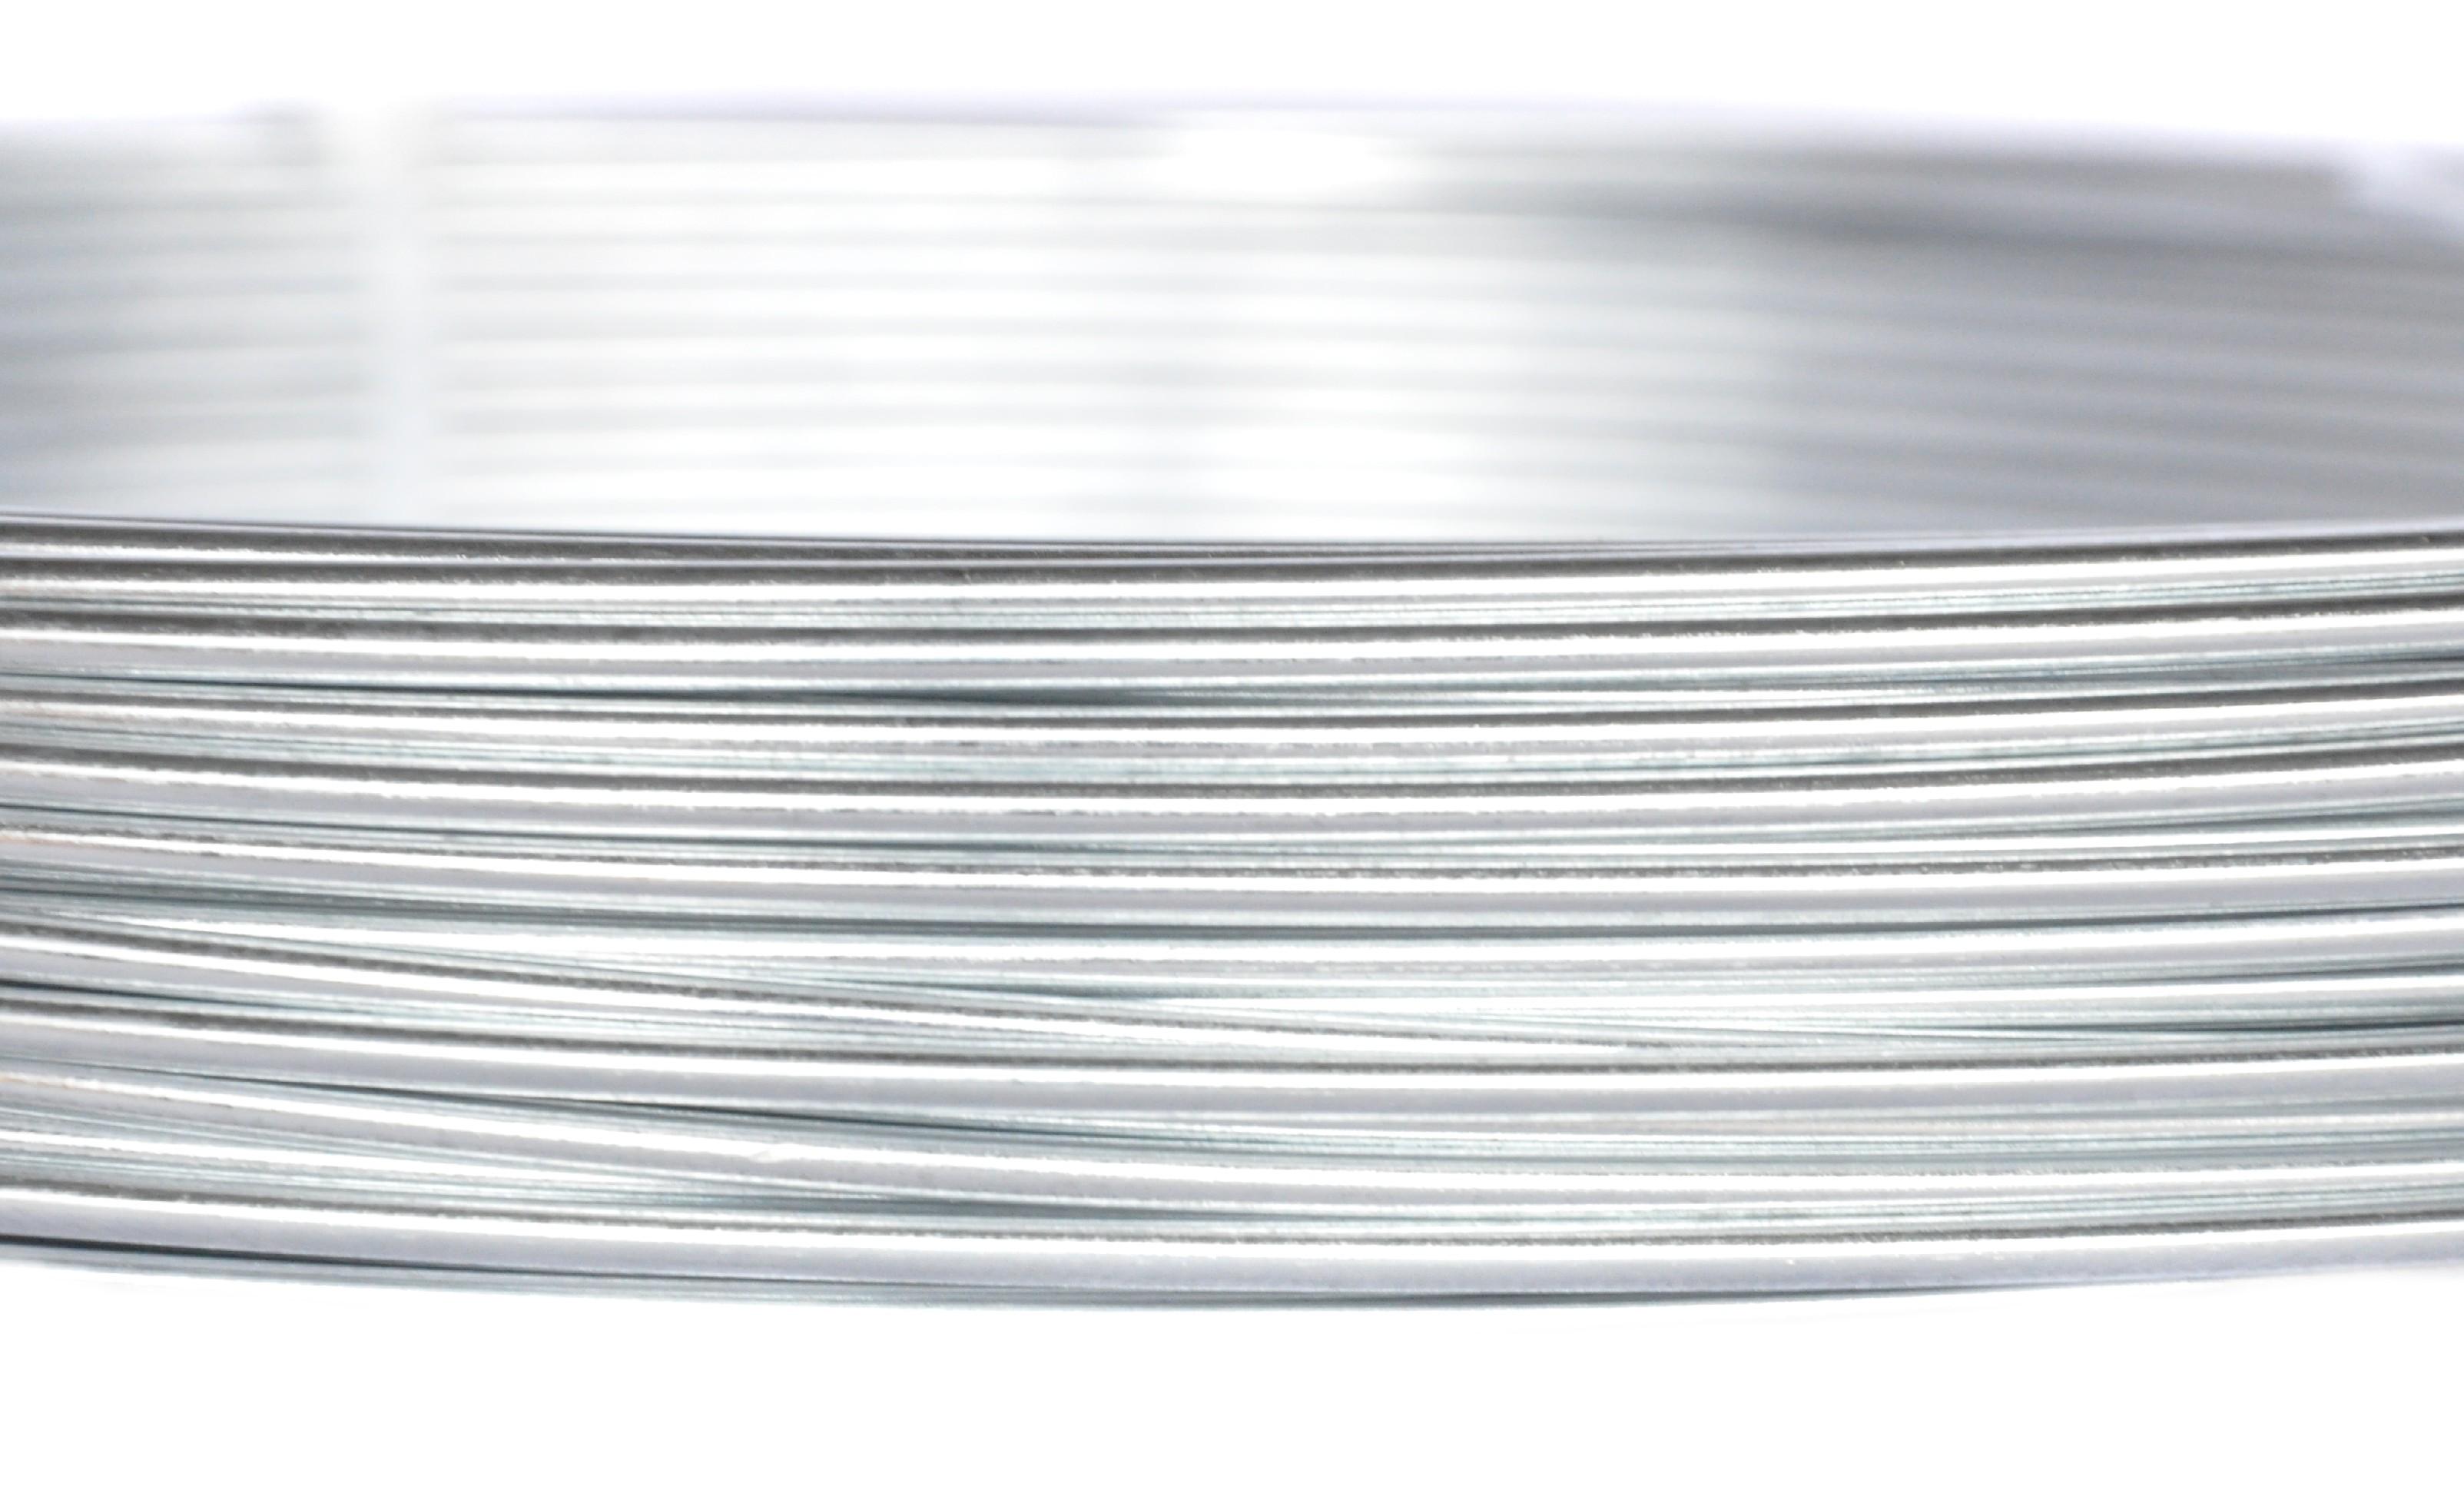 Vinohradnický drát Zn + Al - průměr 2,2 mm, balení 25 kg